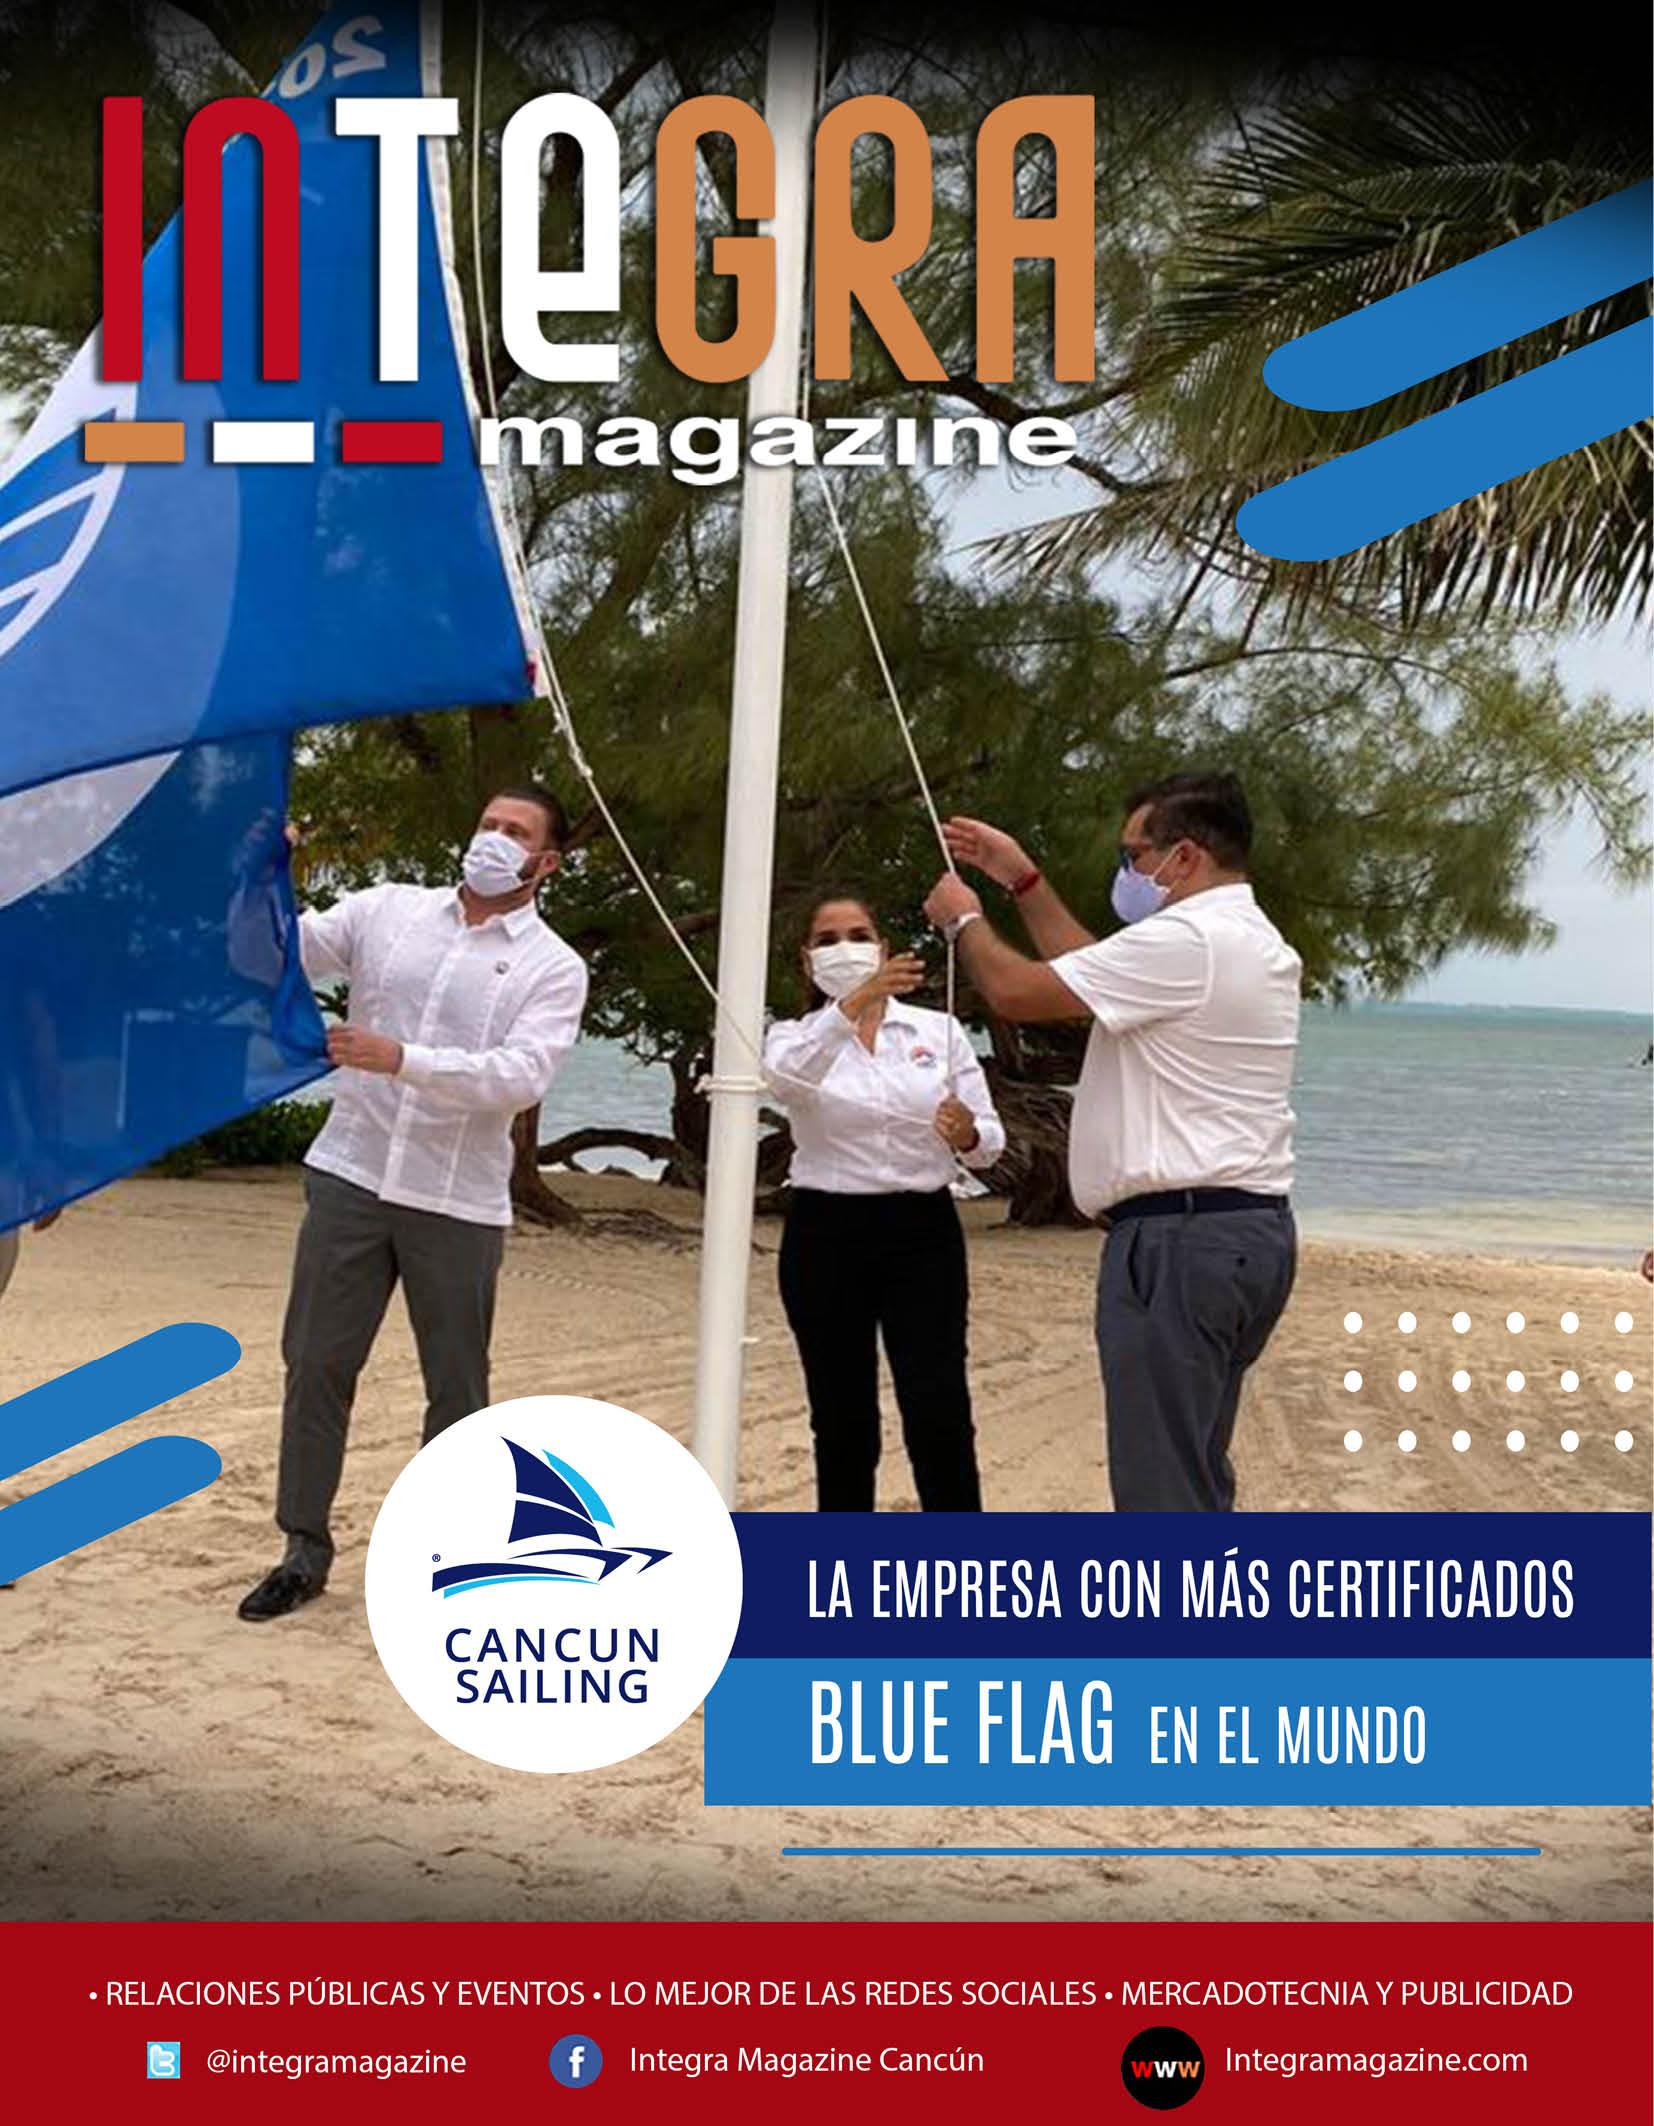 CANCUN SAILING, EMPRESA CON MÁS CERTIFICADOS BLUE FLAG EN EL MUNDO